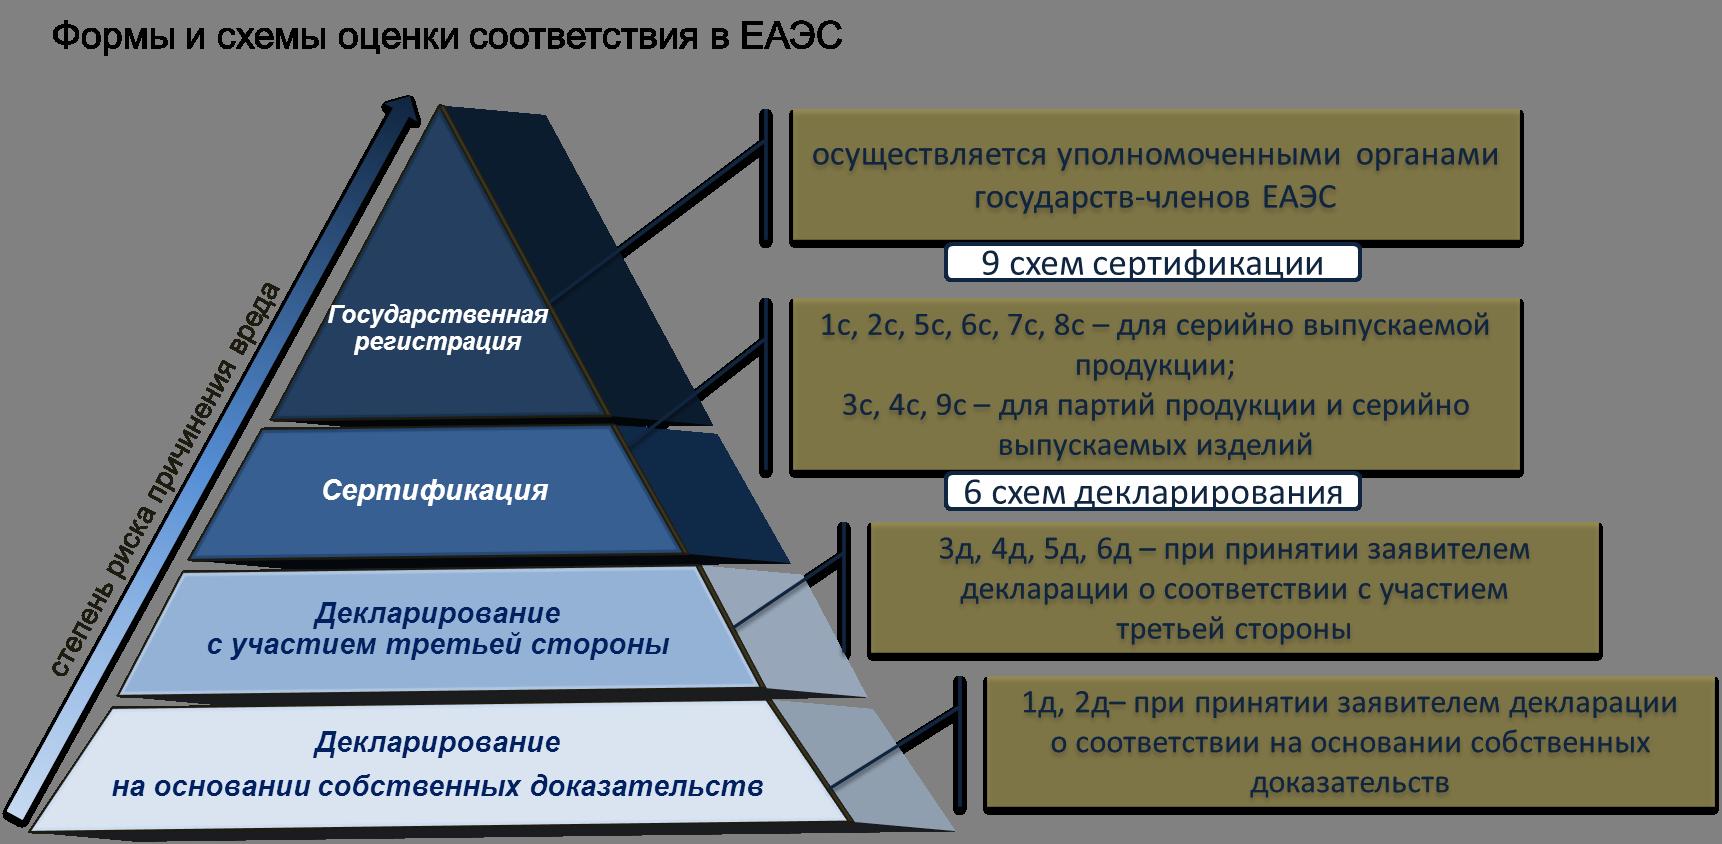 схема_формы оценки соответствия_1.png